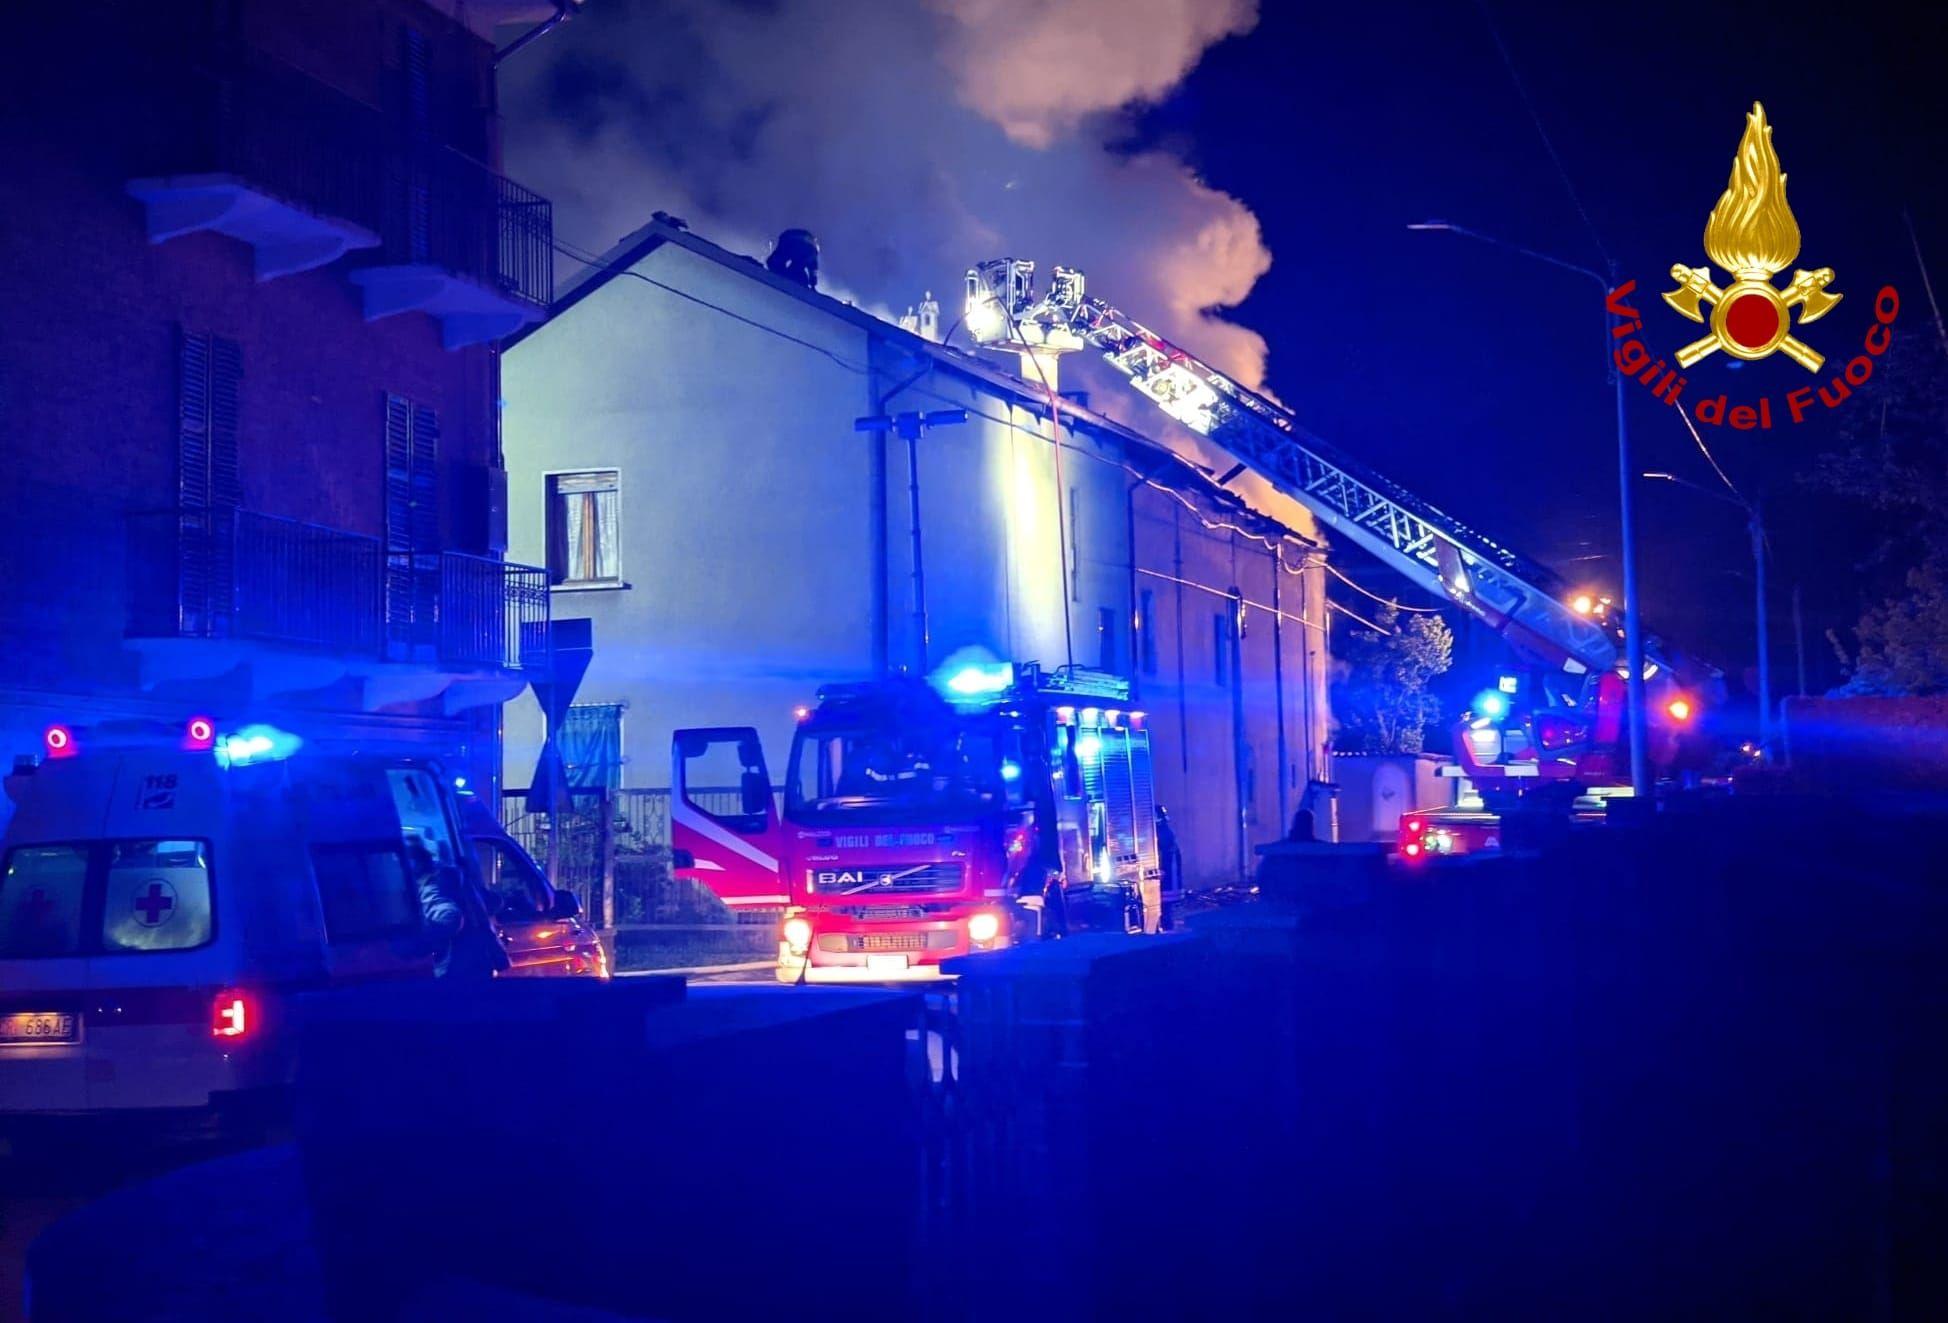 VILLANOVA CANAVESE - Incendio devasta un cascinale nel cuore della notte